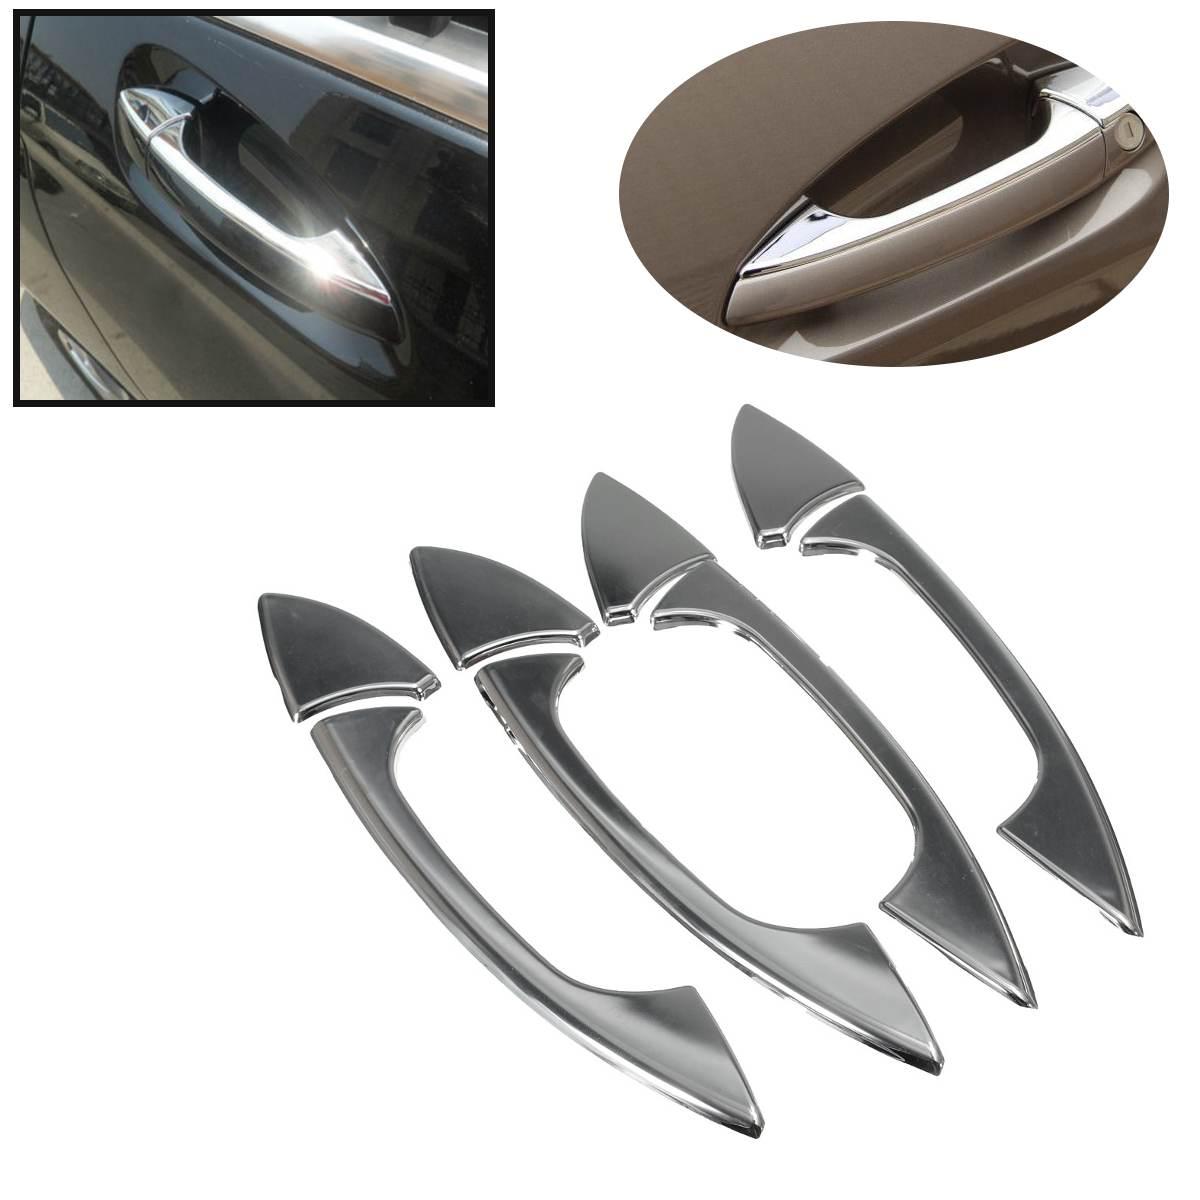 Para Mercedes-Benz B C E GLK ml clase W204 W212 X204 W166 W117 W218 W246 2006-2011 8 unids/set cubierta cromada de manija de puerta trim